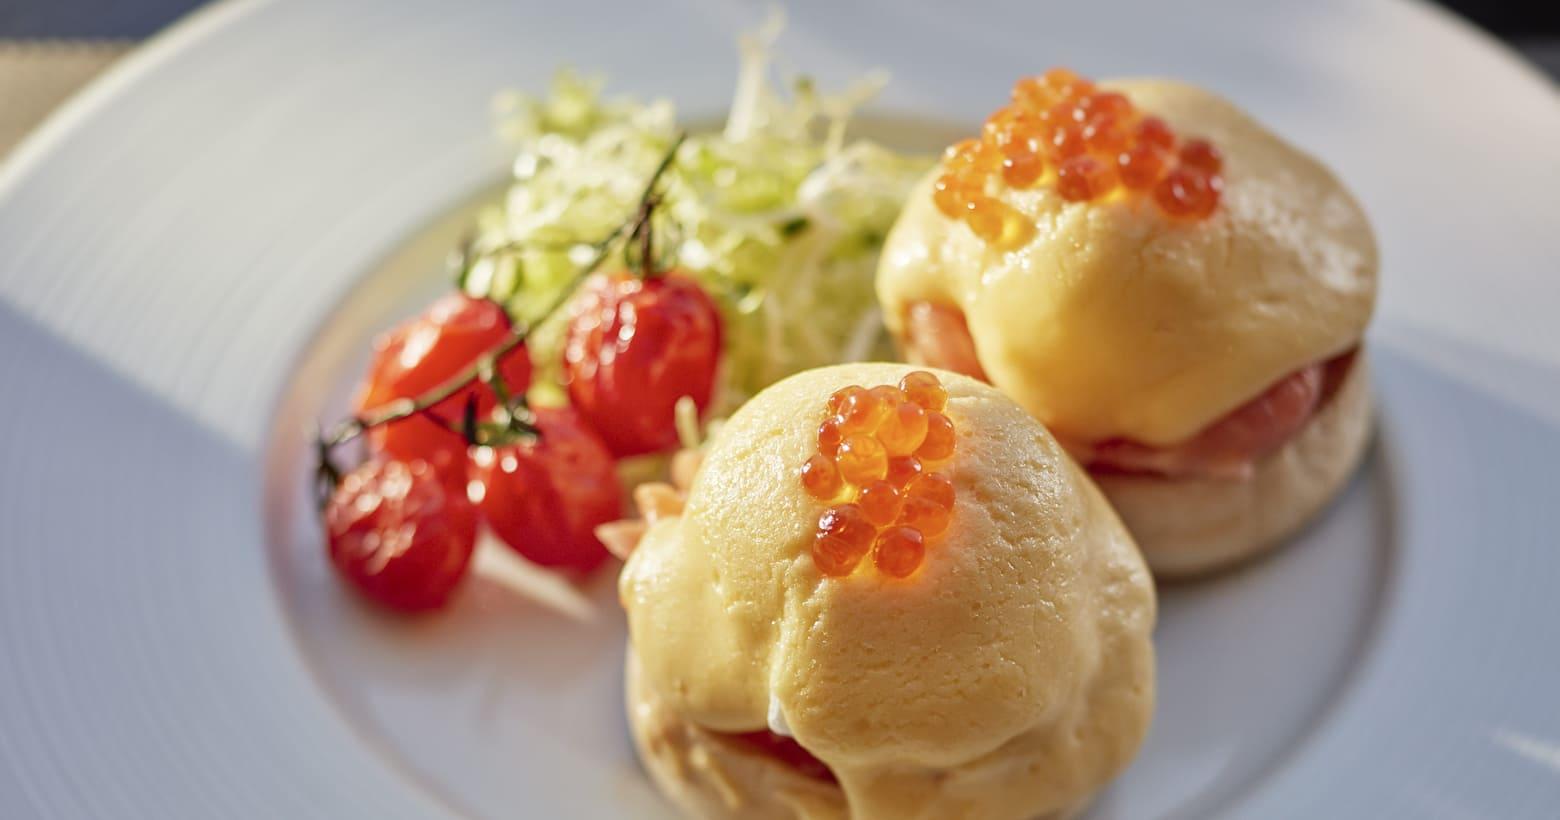 Breakfast by Mandarin Oriental